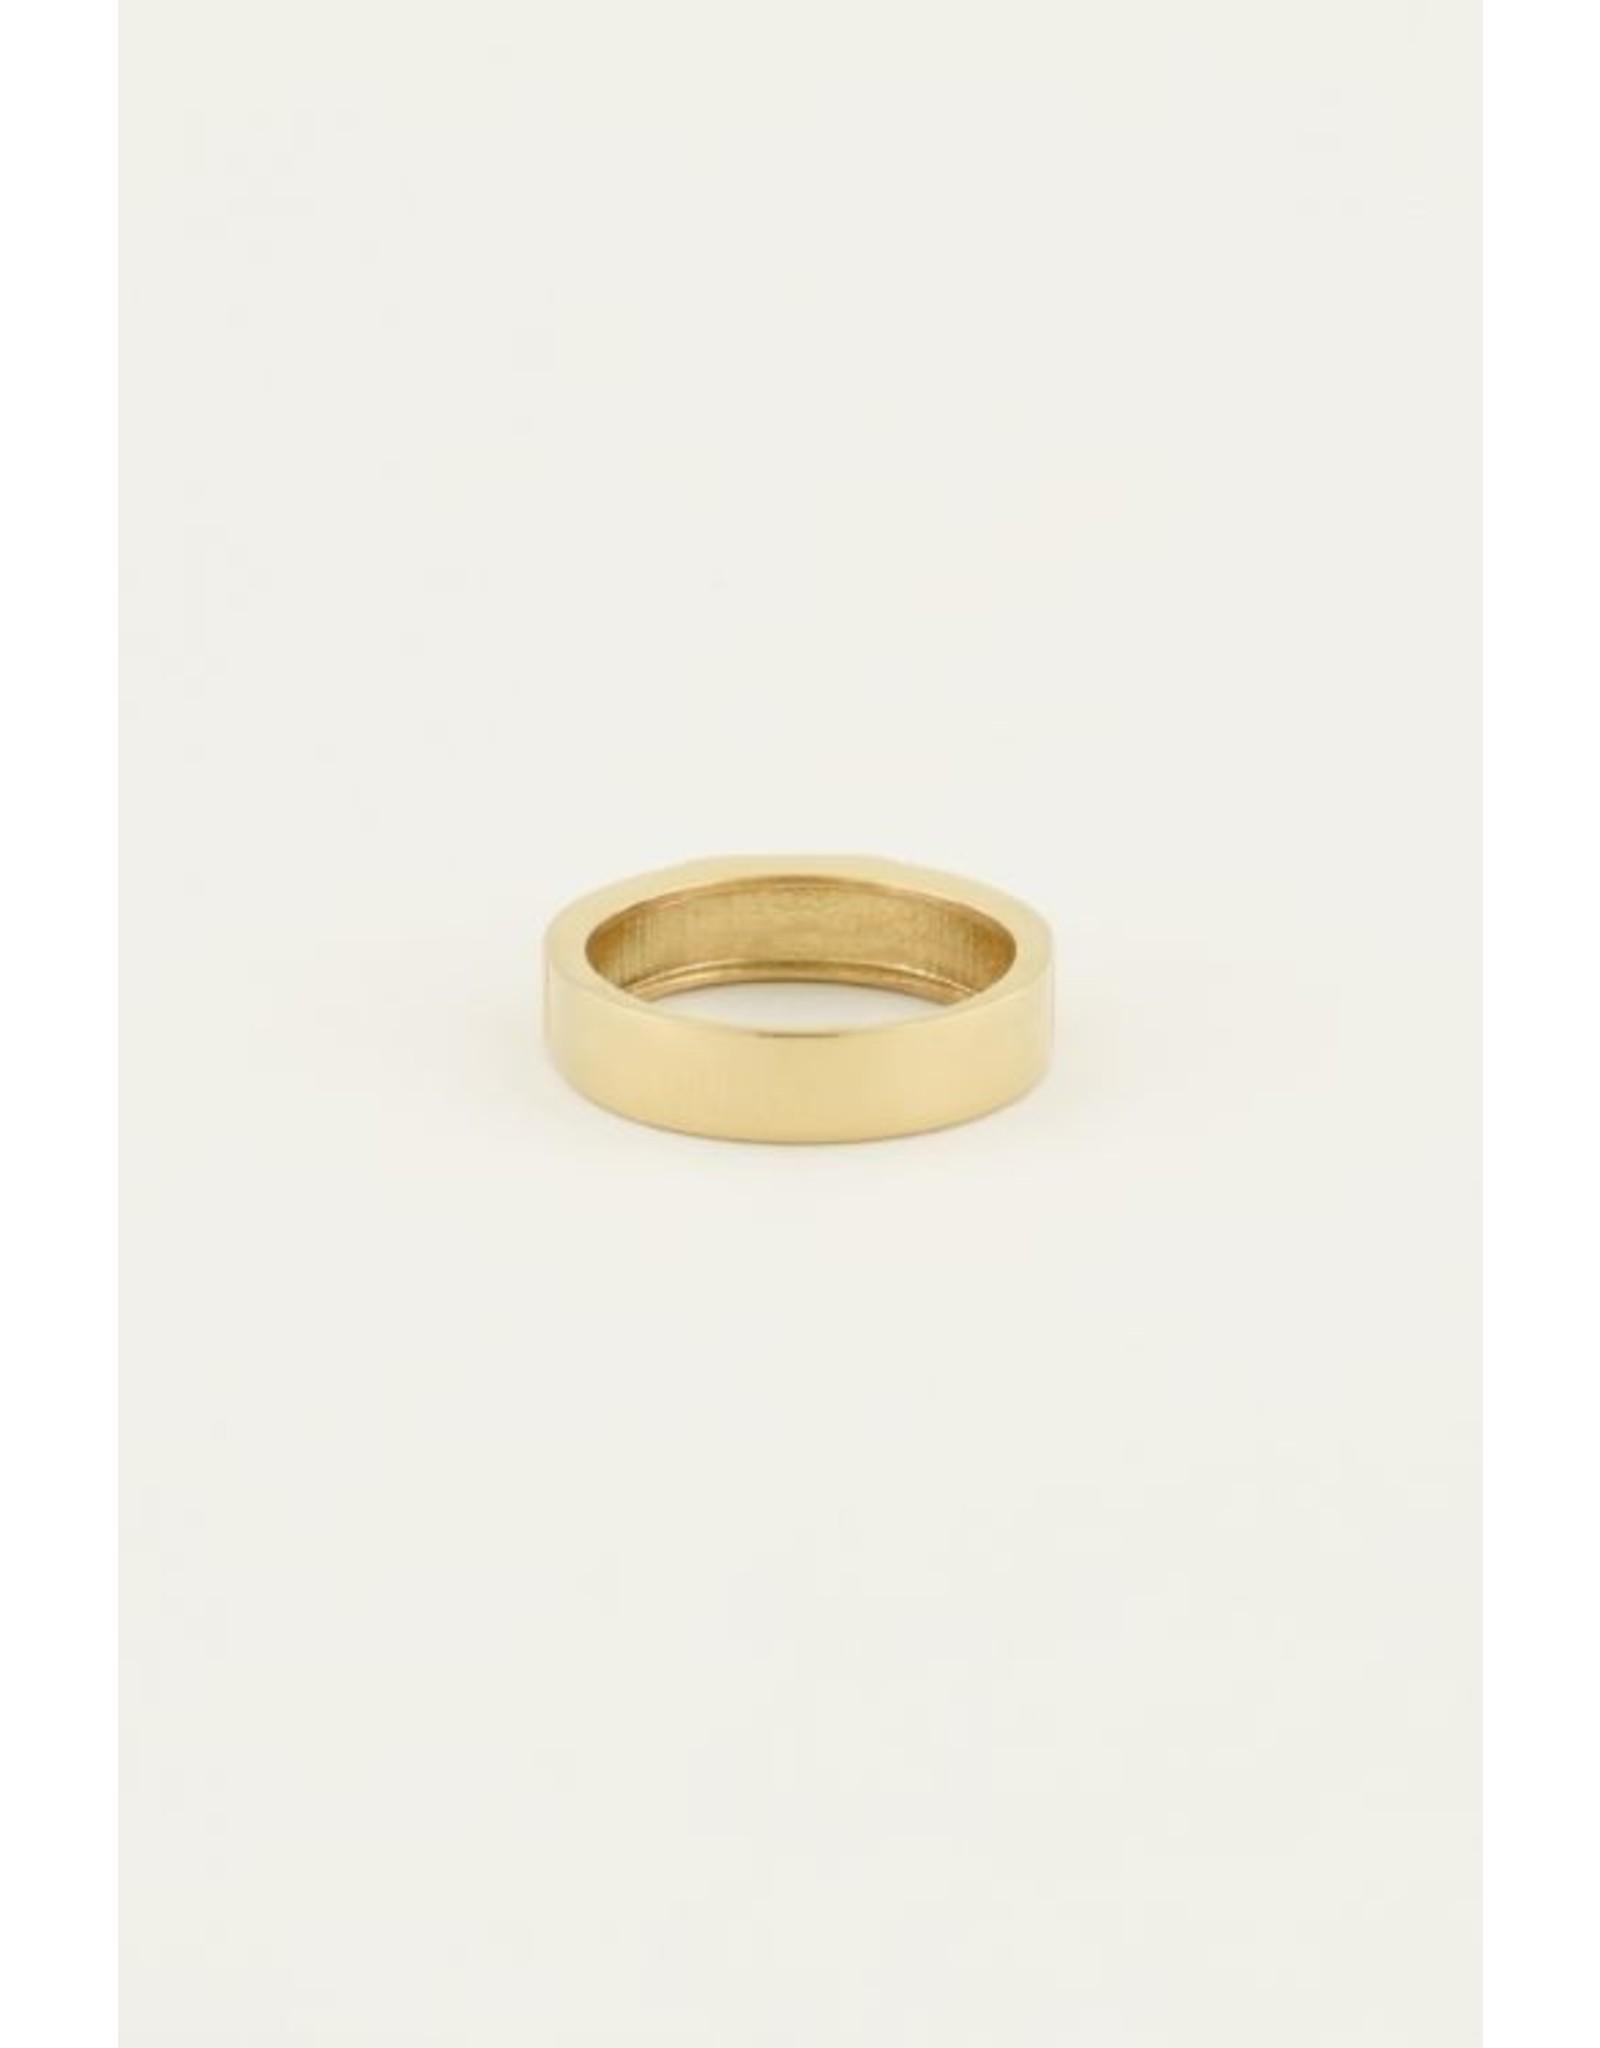 MJ Ring love